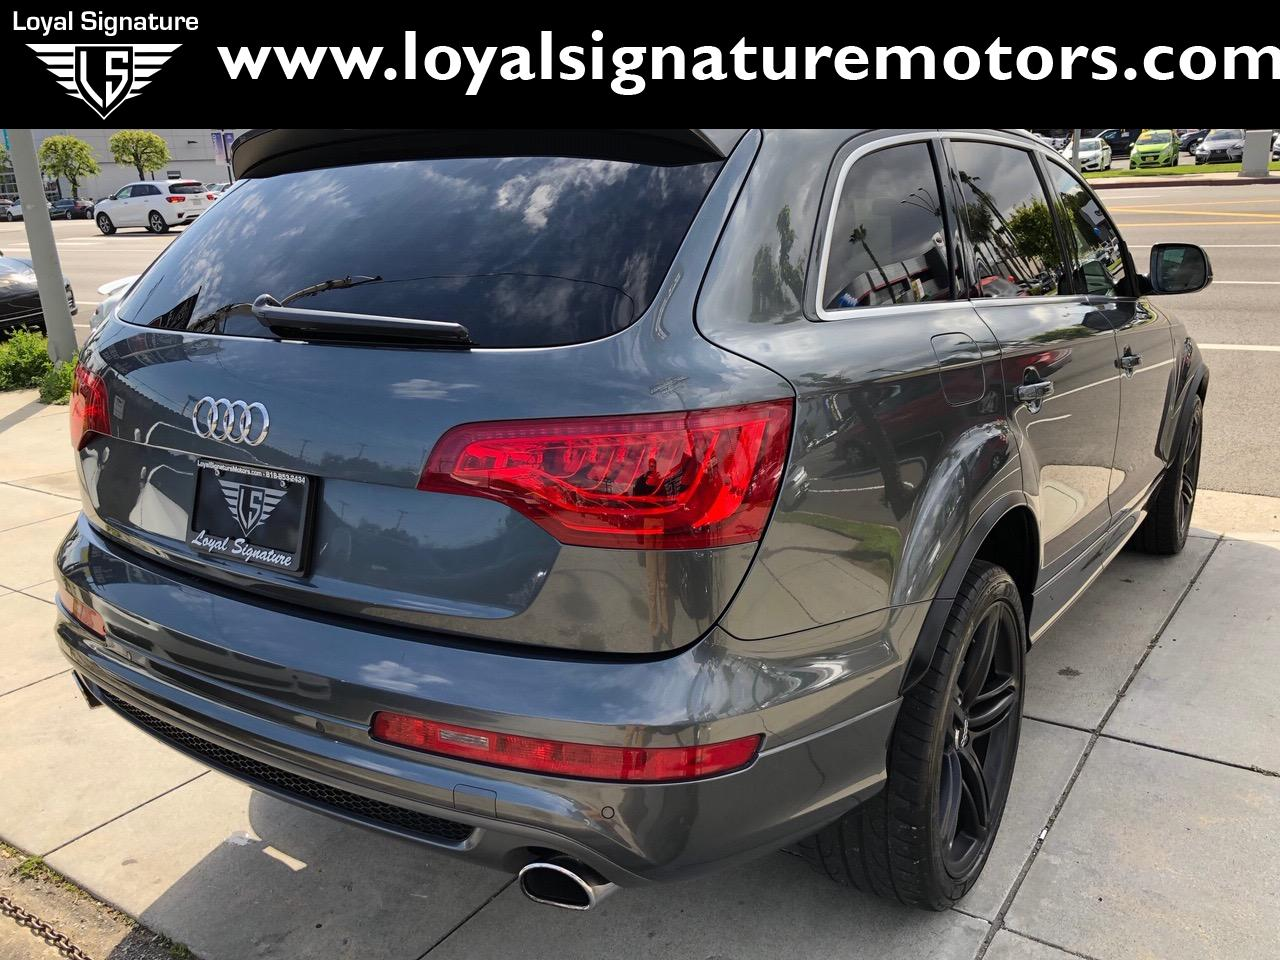 Used-2014-Audi-Q7-30T-quattro-S-line-Prestige